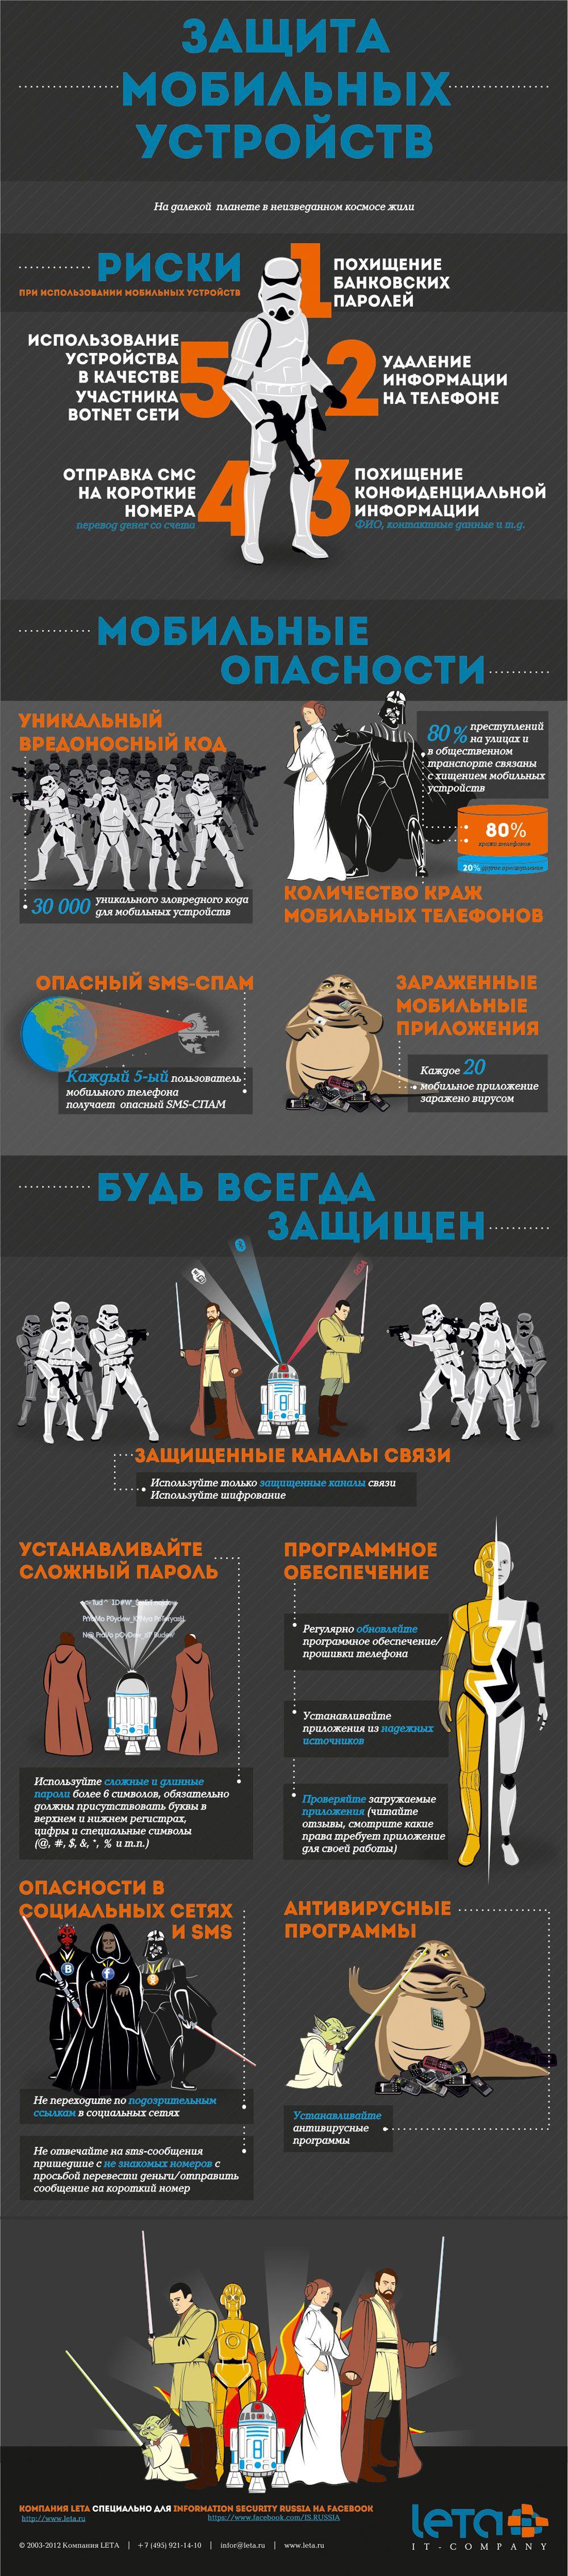 Инфографика: Защита мобильных устройств